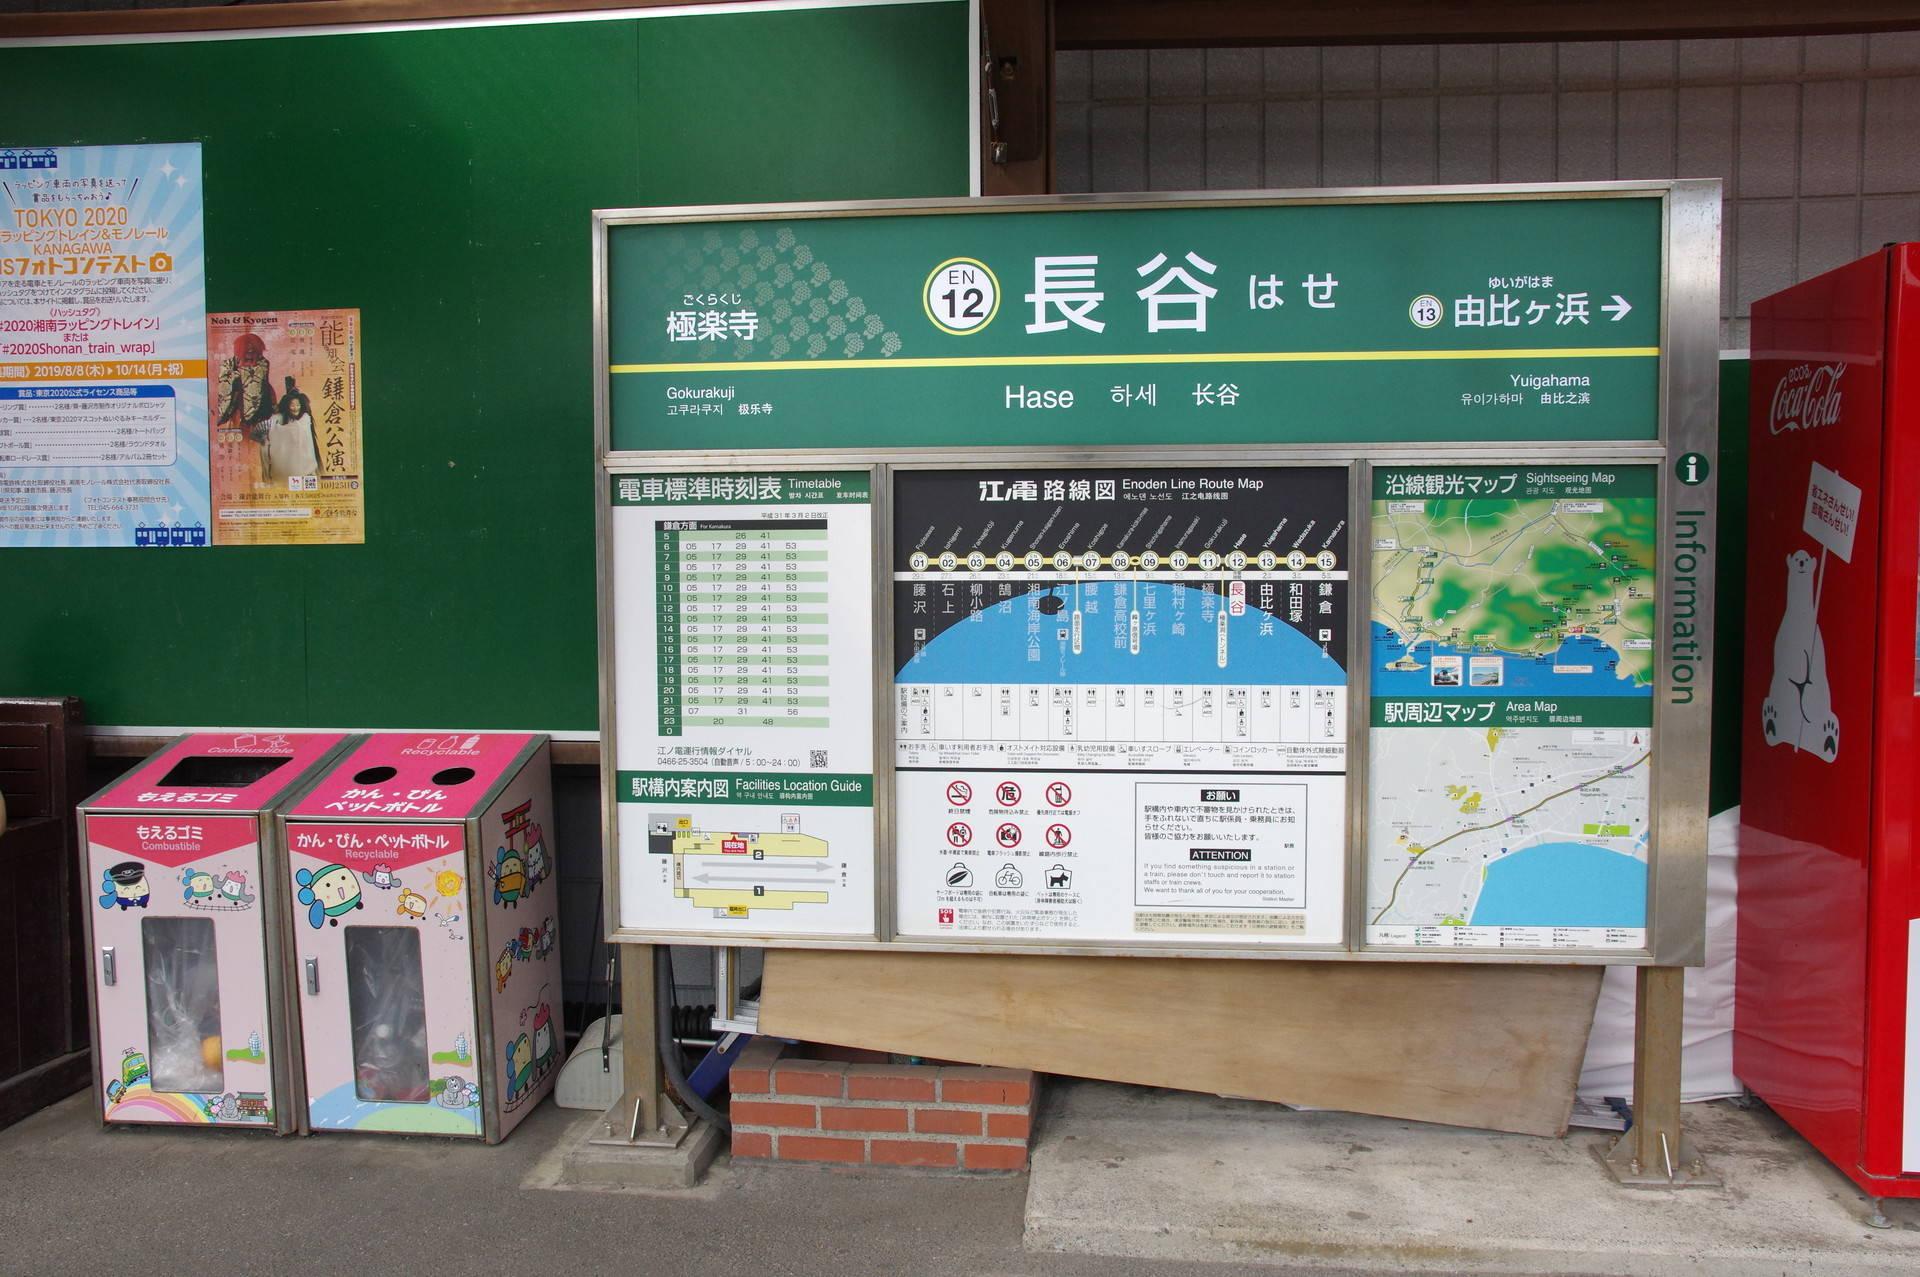 新タイプの駅名標(2番ホーム)